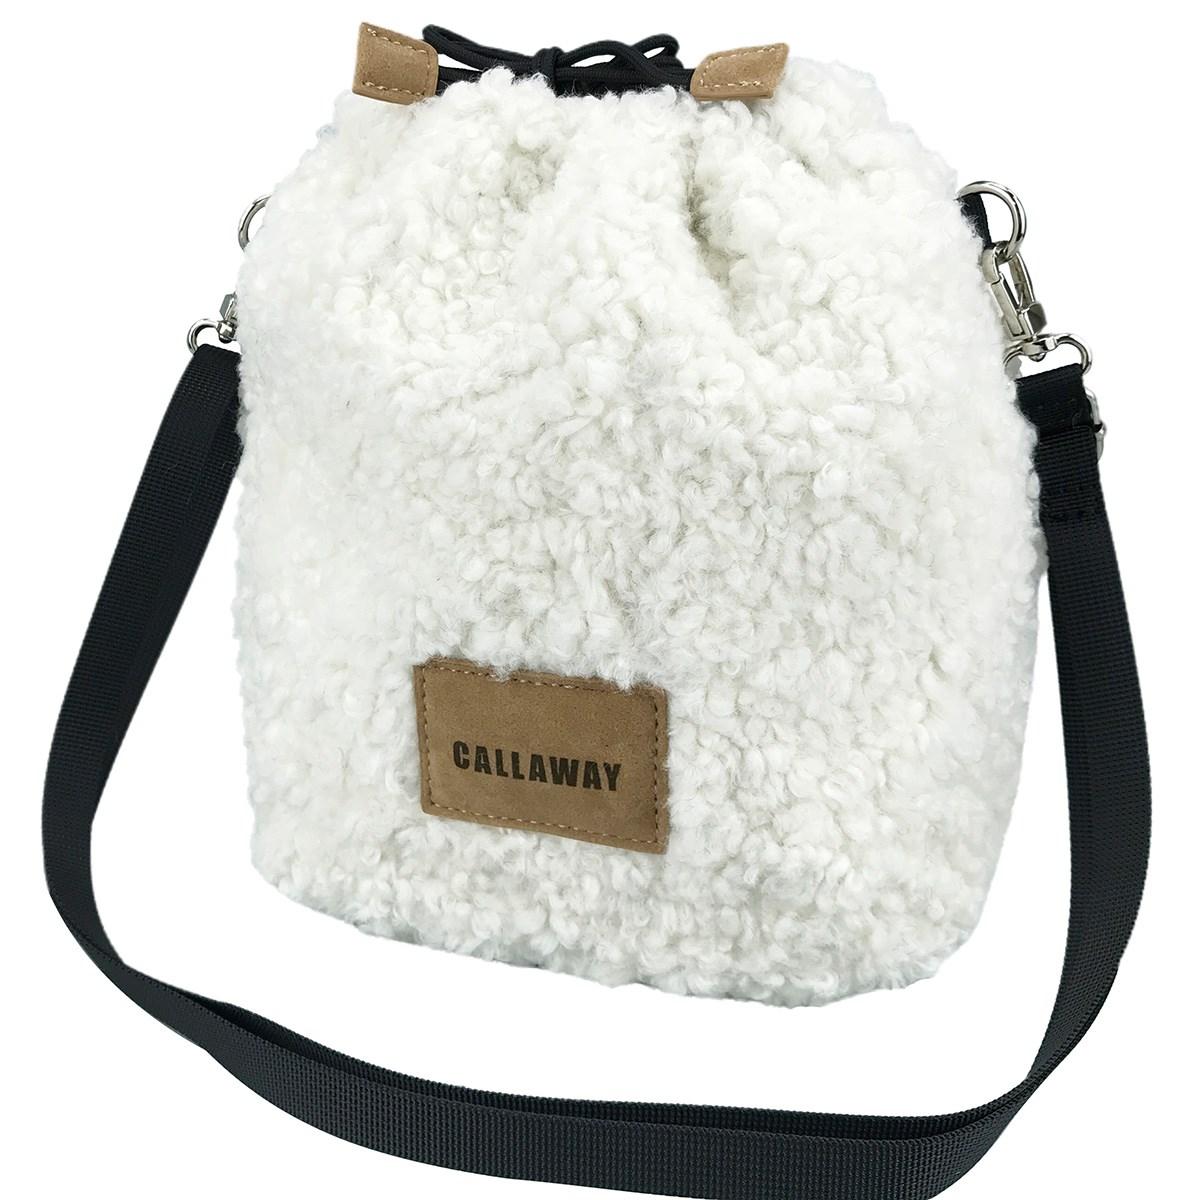 キャロウェイゴルフ(Callaway Golf) ファー巾着バッグ